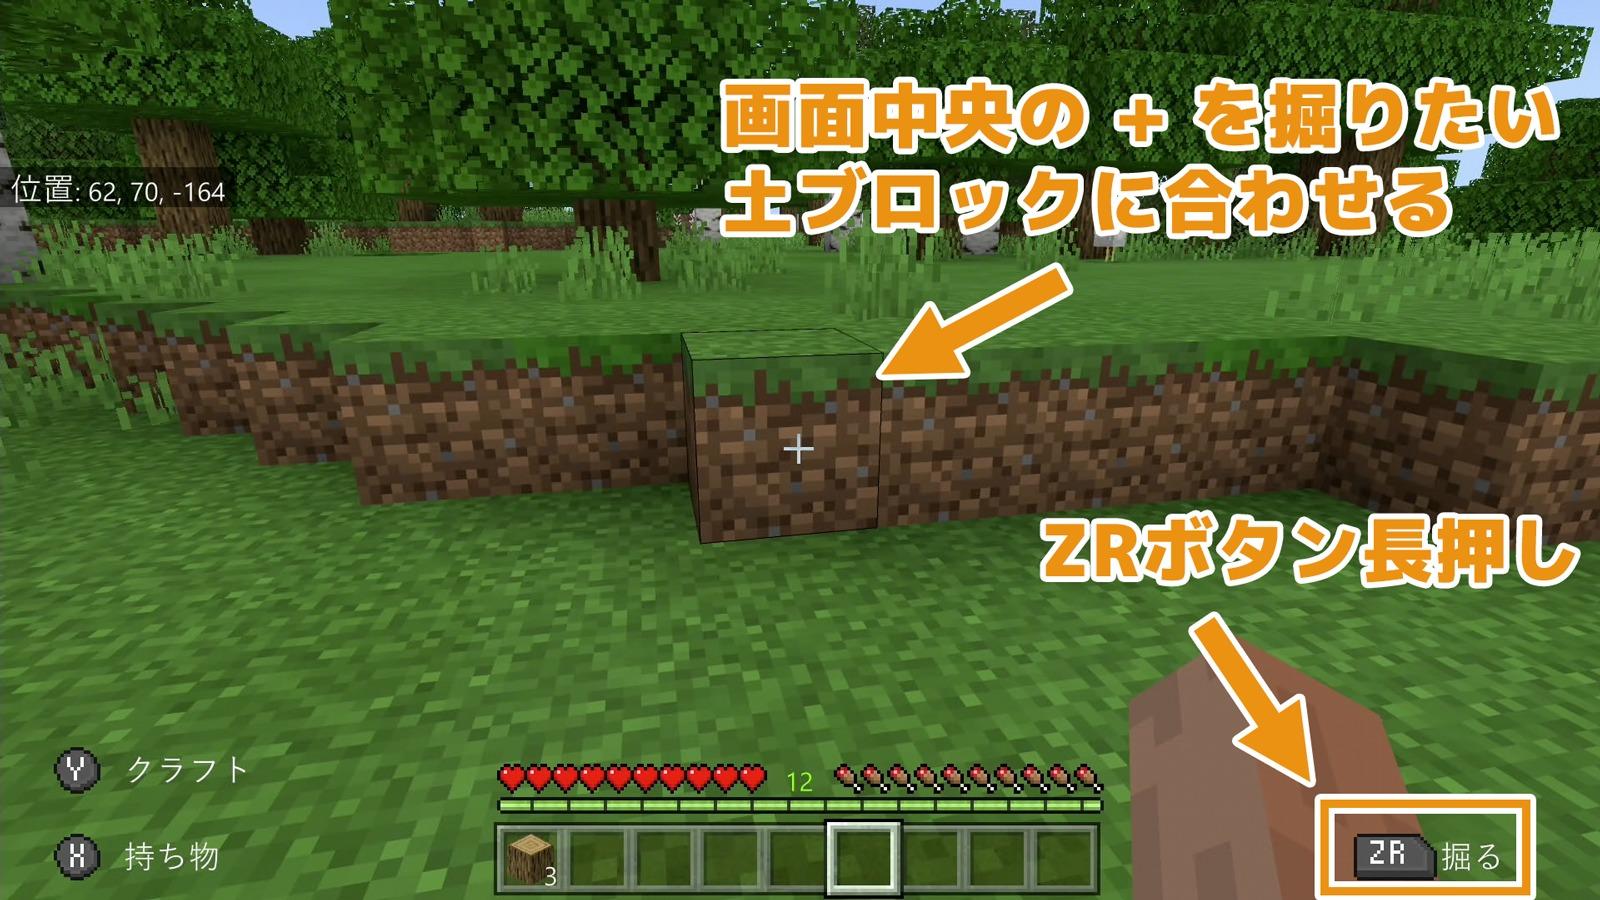 土ブロックをZR長押しすると土が掘れる